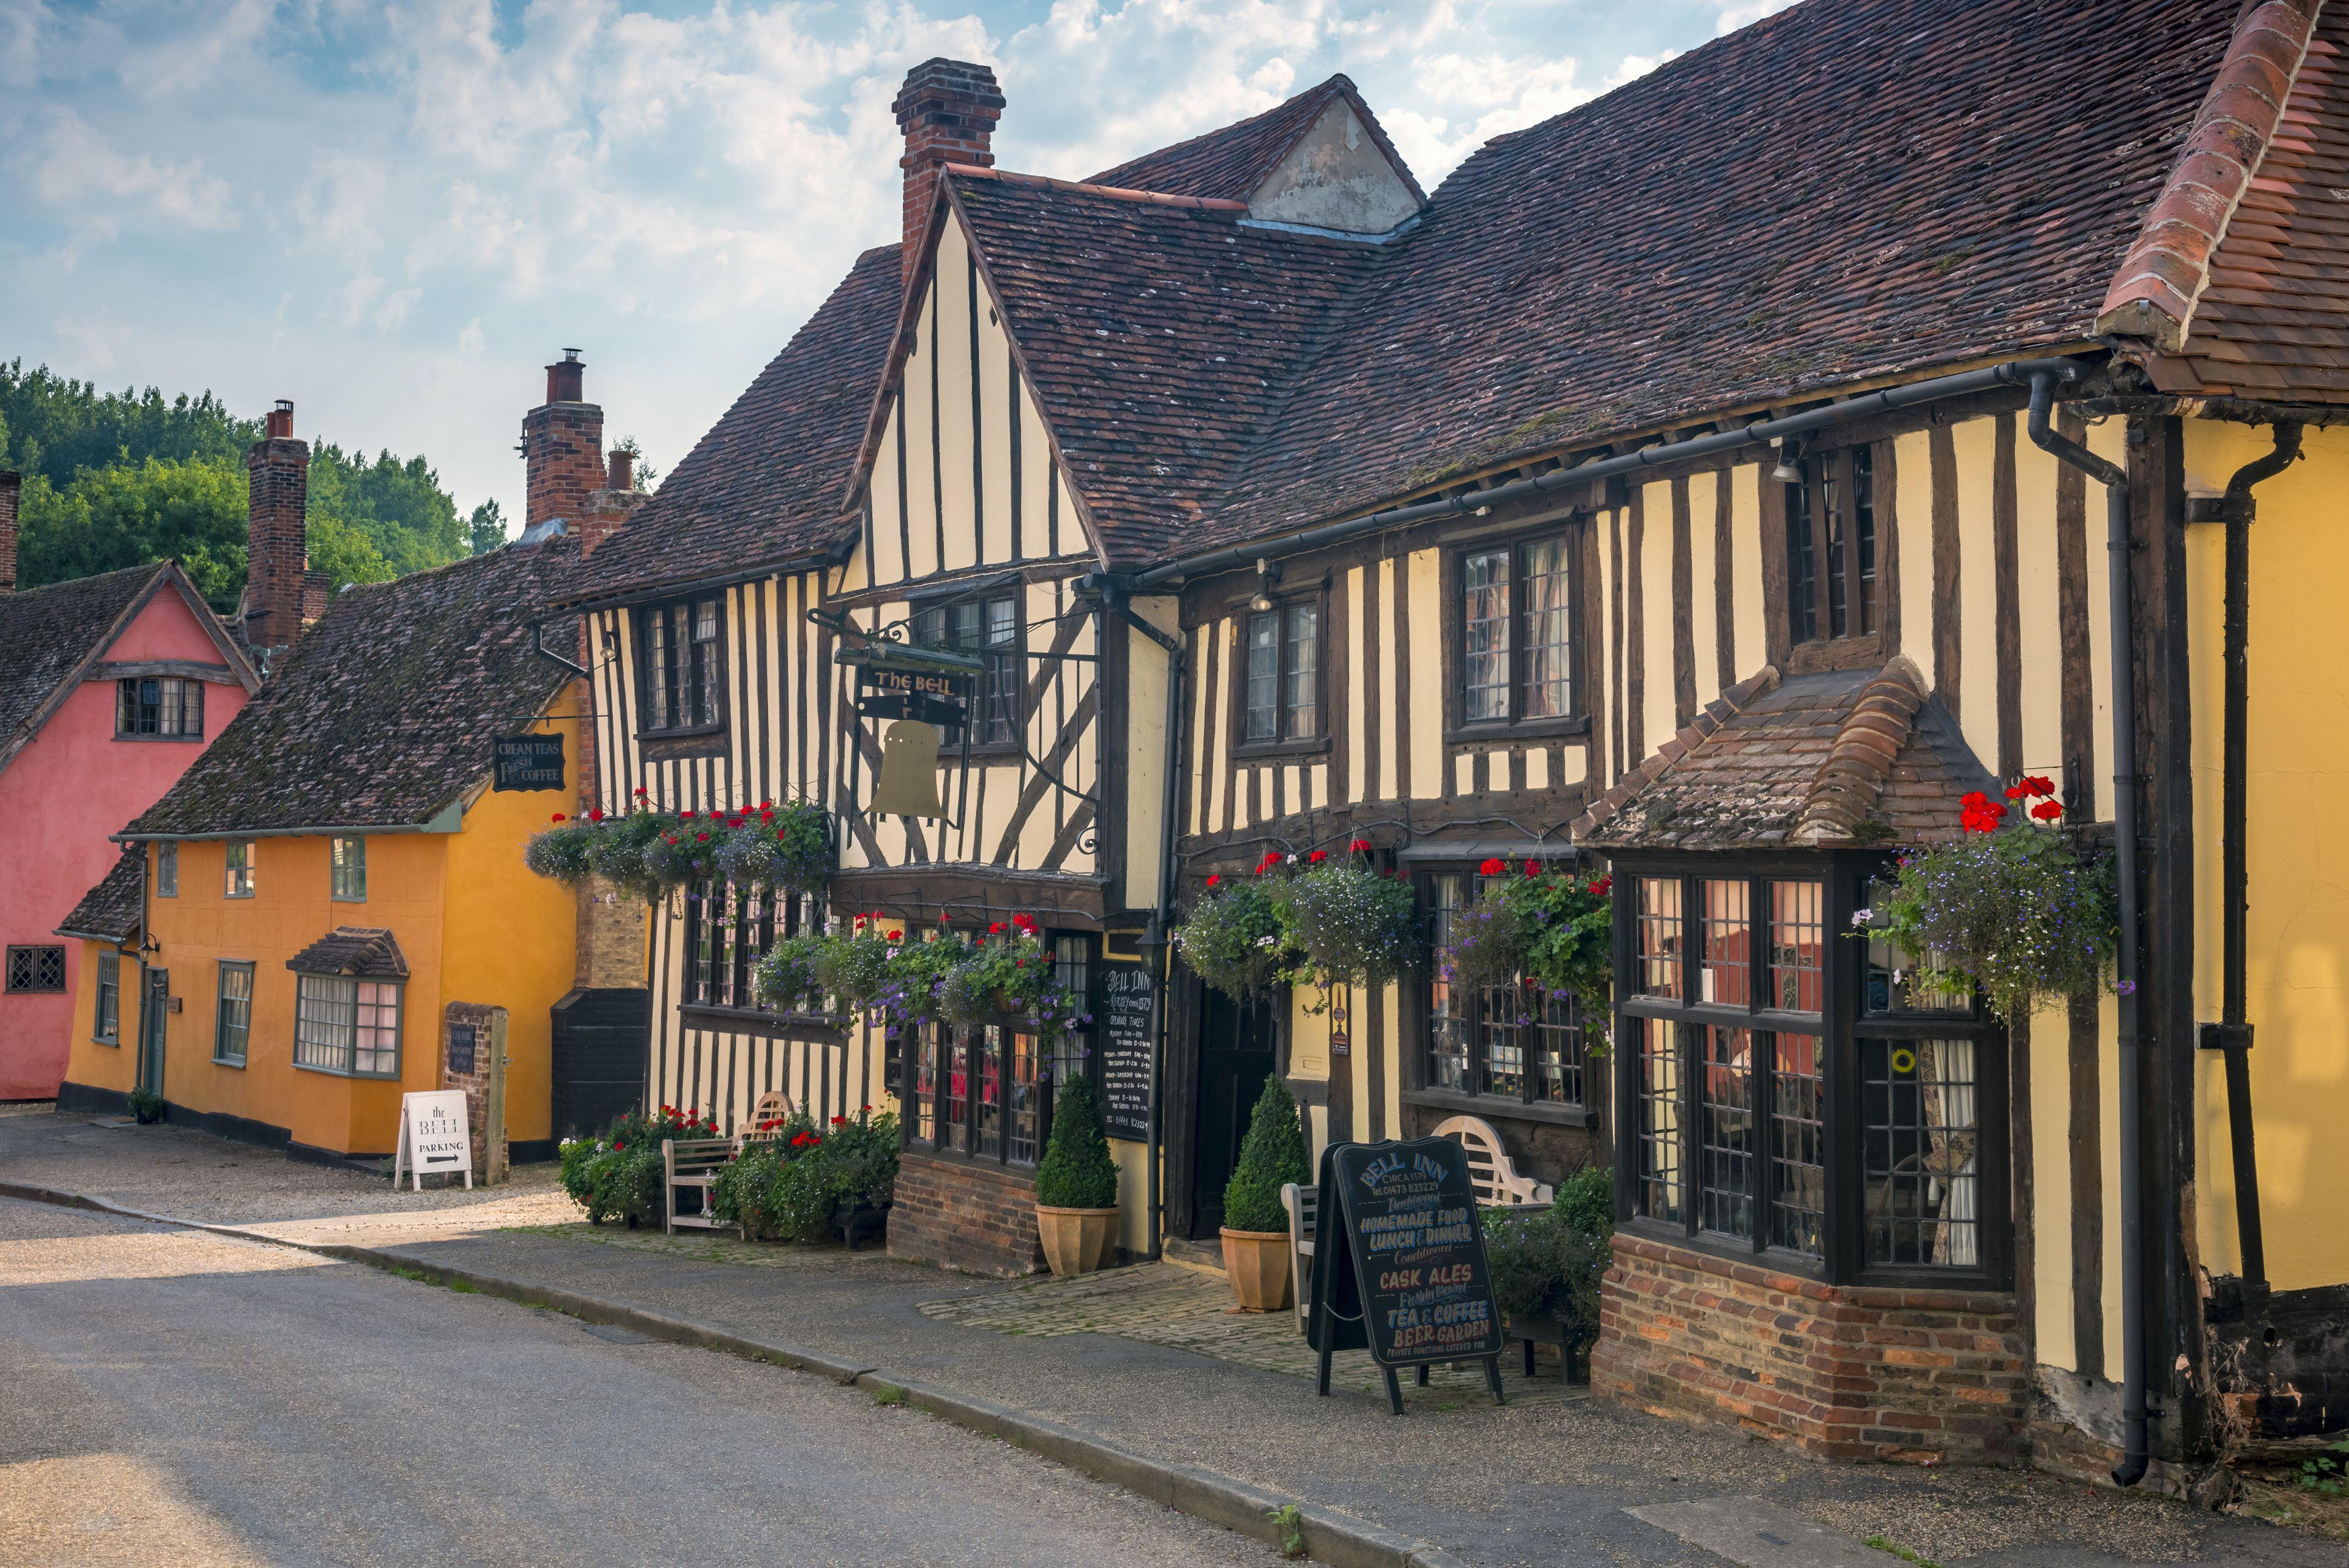 Kersey, Suffolk, England, United Kingdom